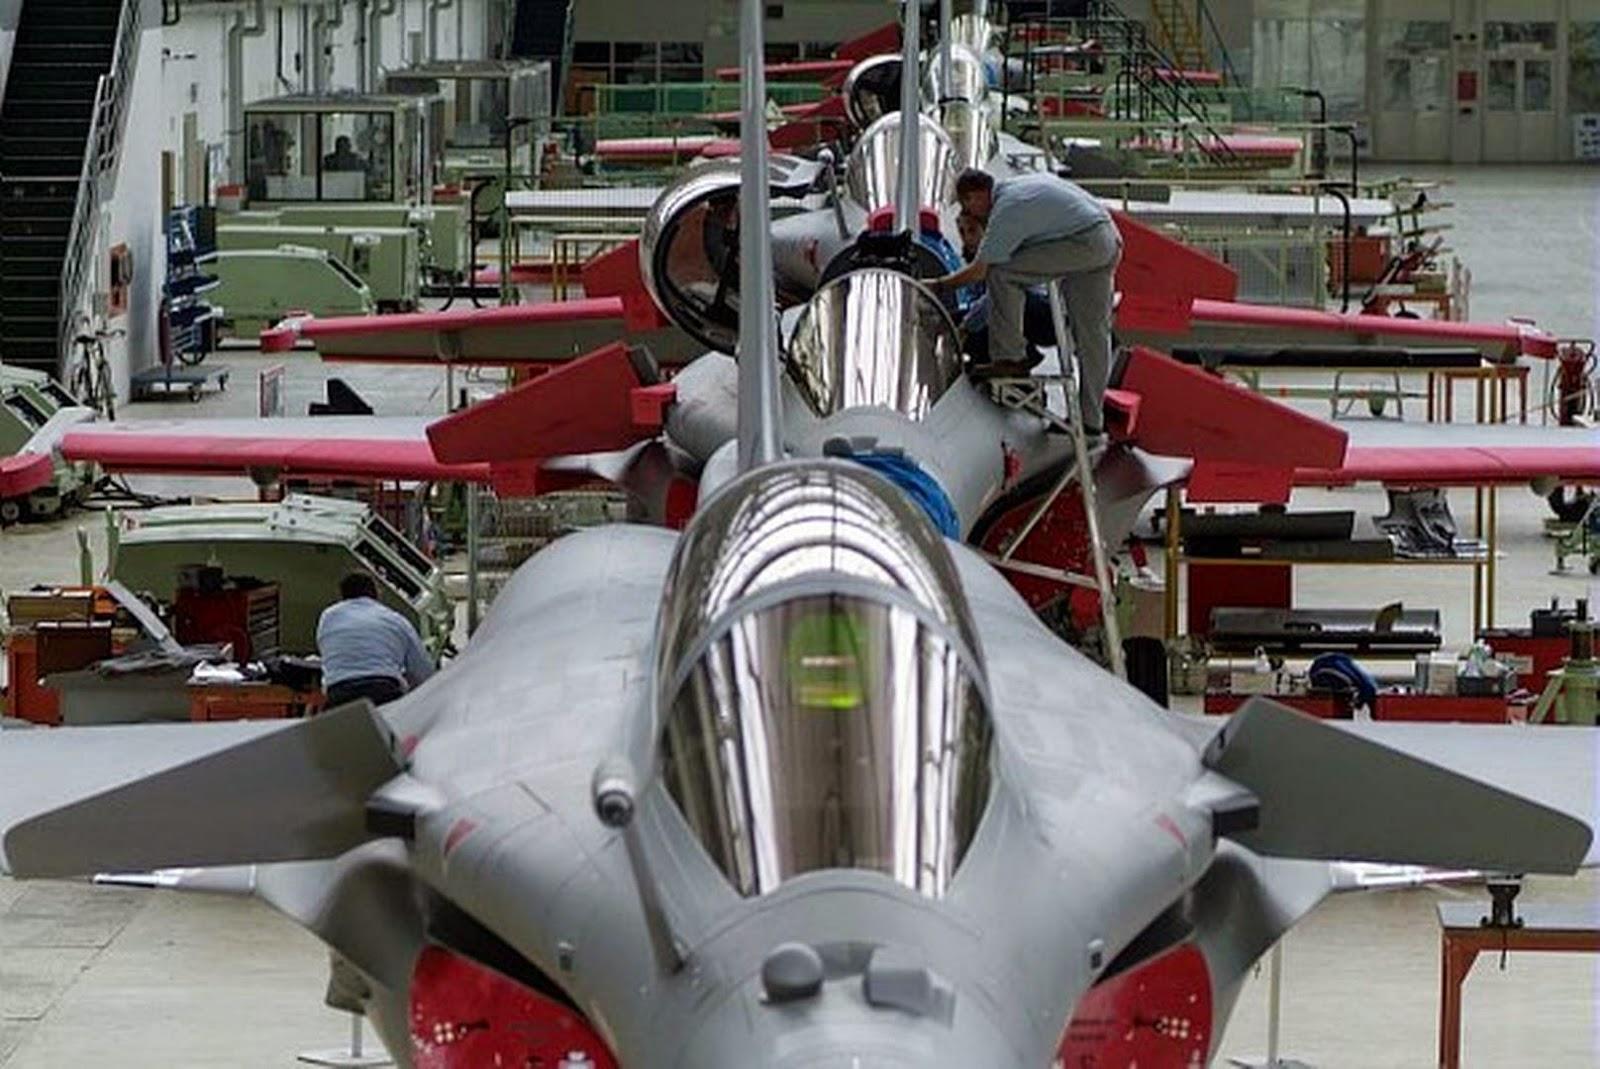 Contrat imminent pour le Rafale ? l'Inde pressée, la négociation prend un virage à 90 degrés